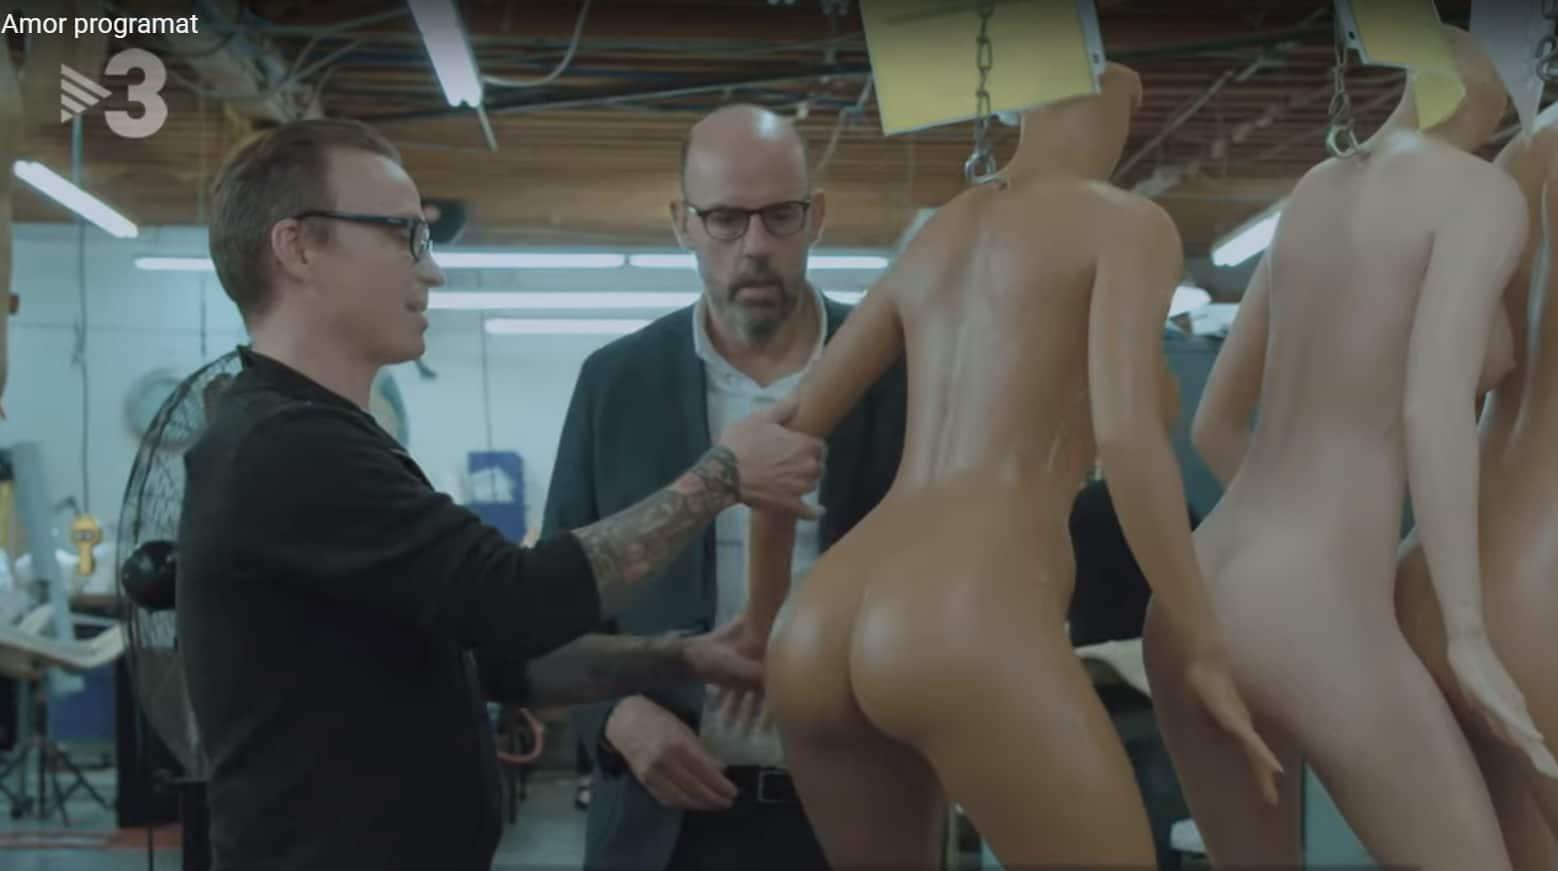 """Vídeo recomendado: """"Amor programat"""", sobre los robots sexuales"""